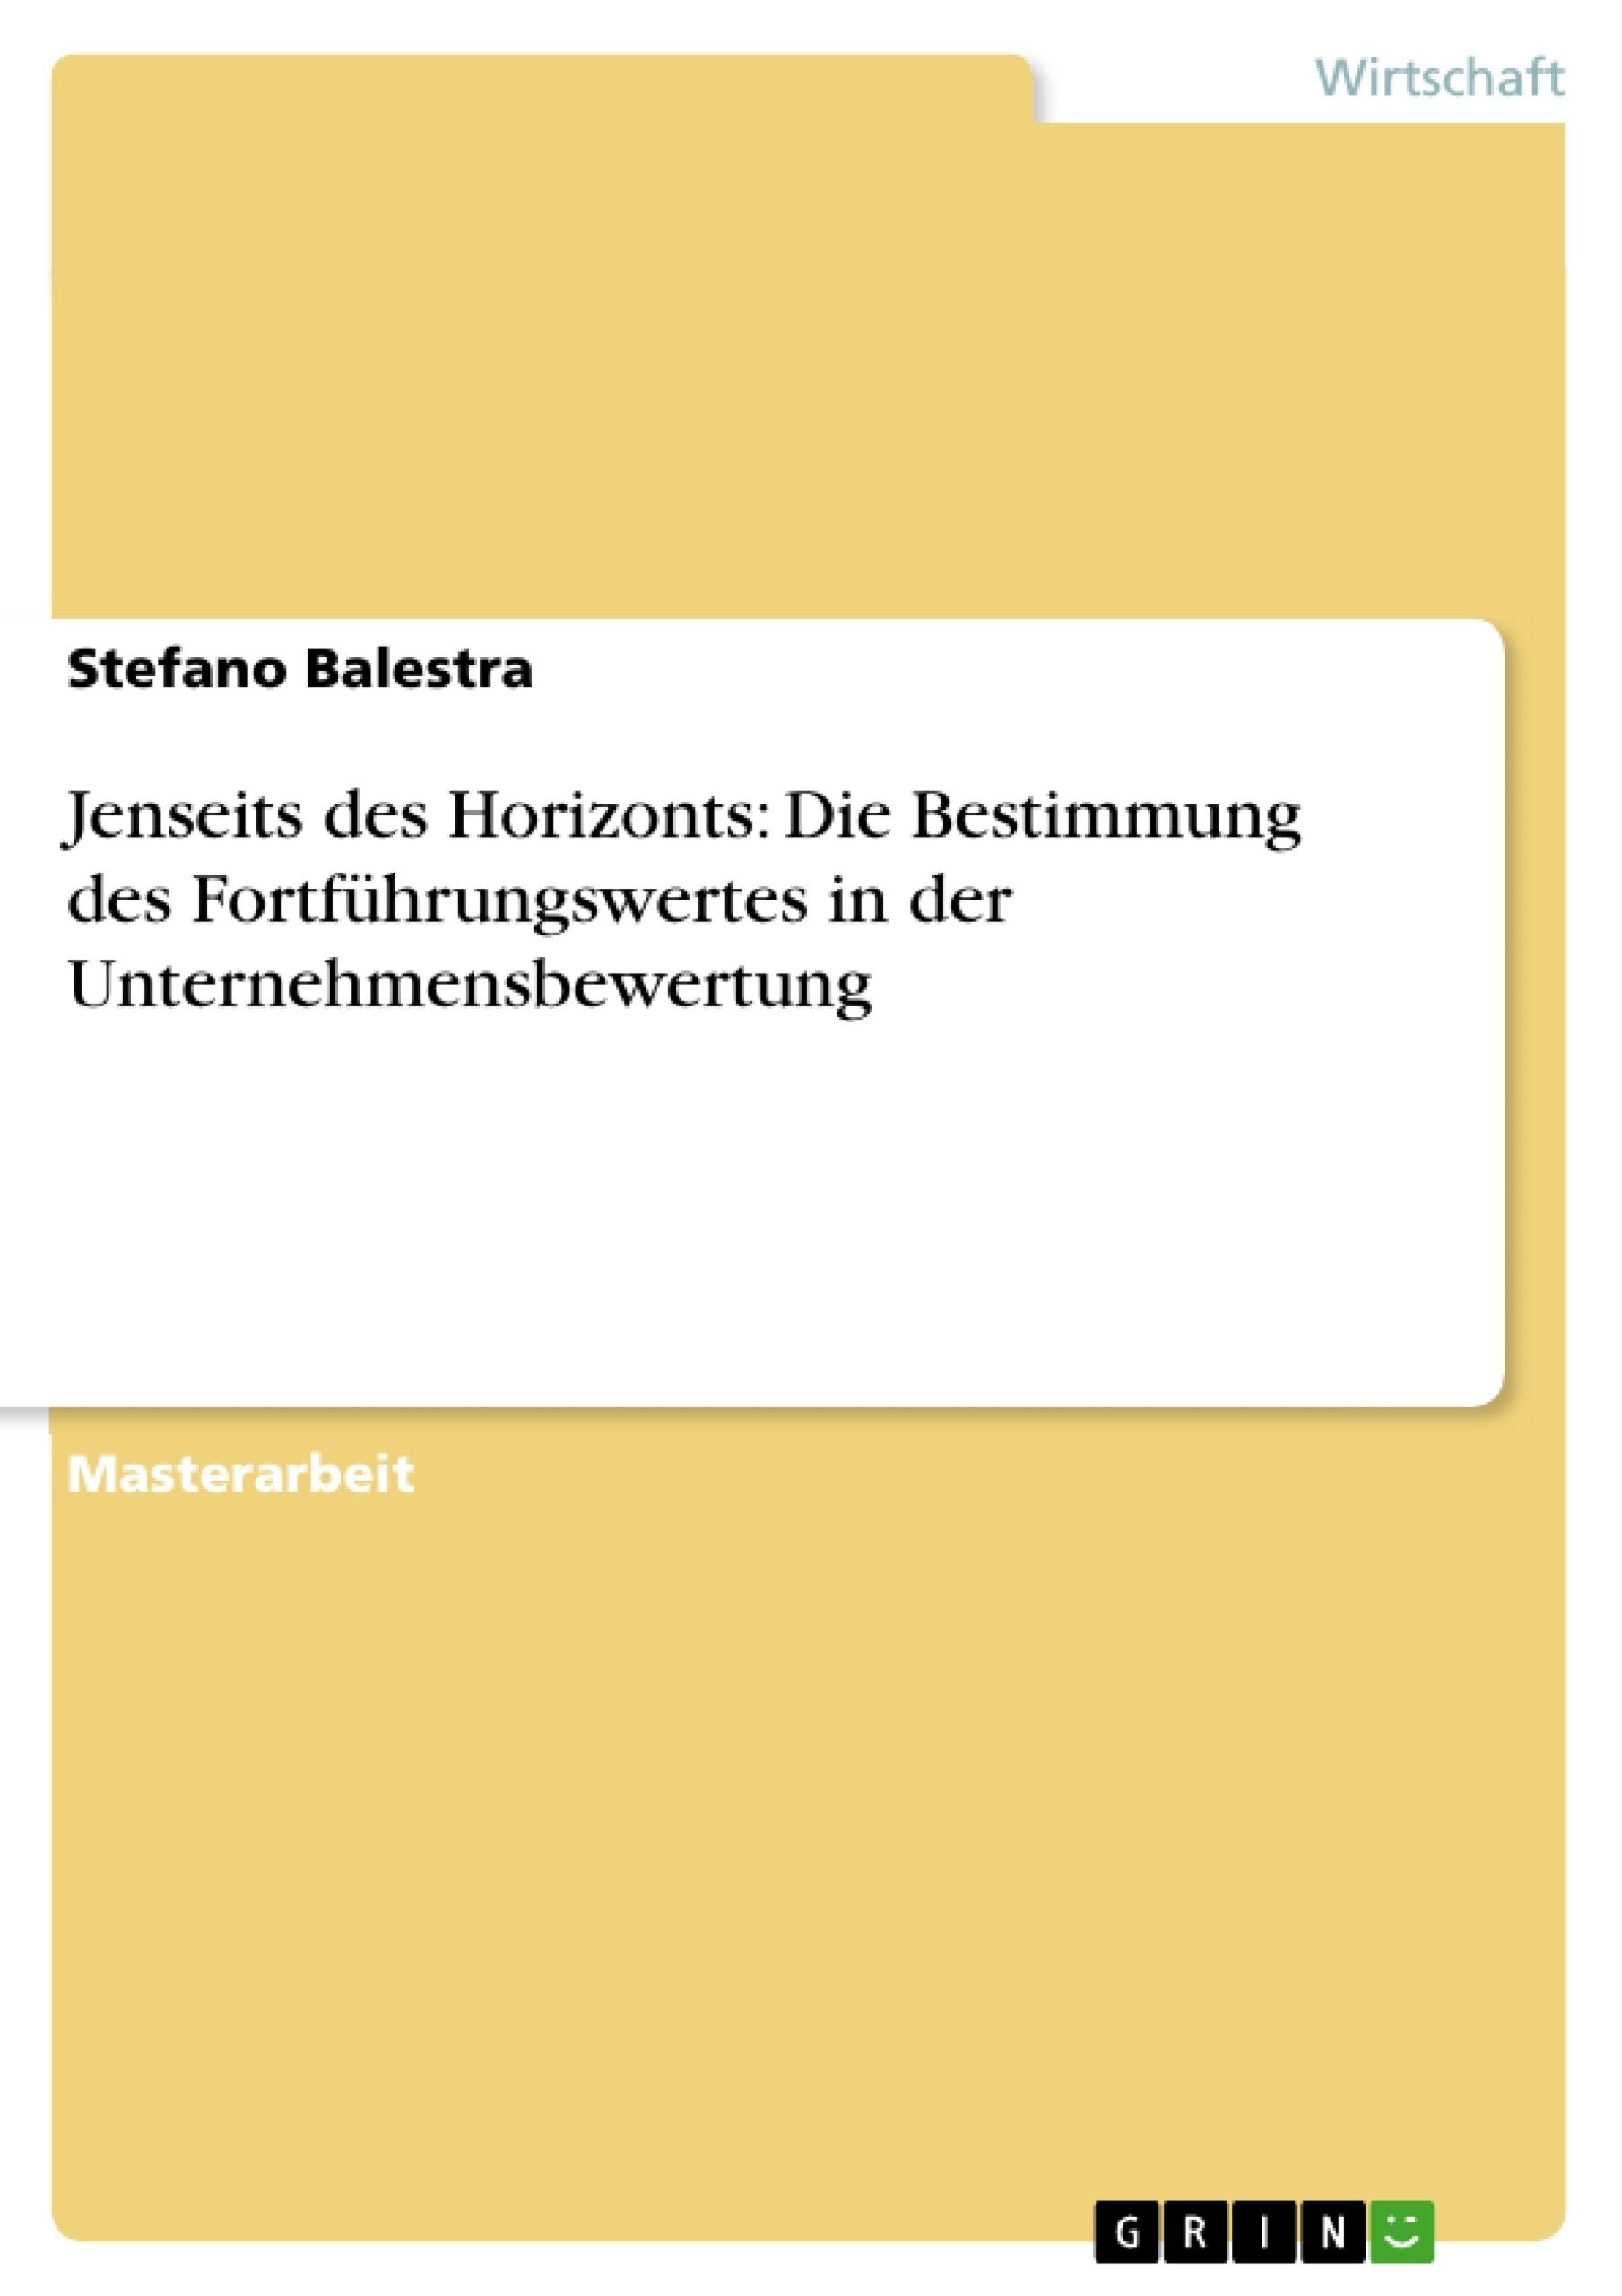 Titel: Jenseits des Horizonts: Die Bestimmung des Fortführungswertes in der Unternehmensbewertung